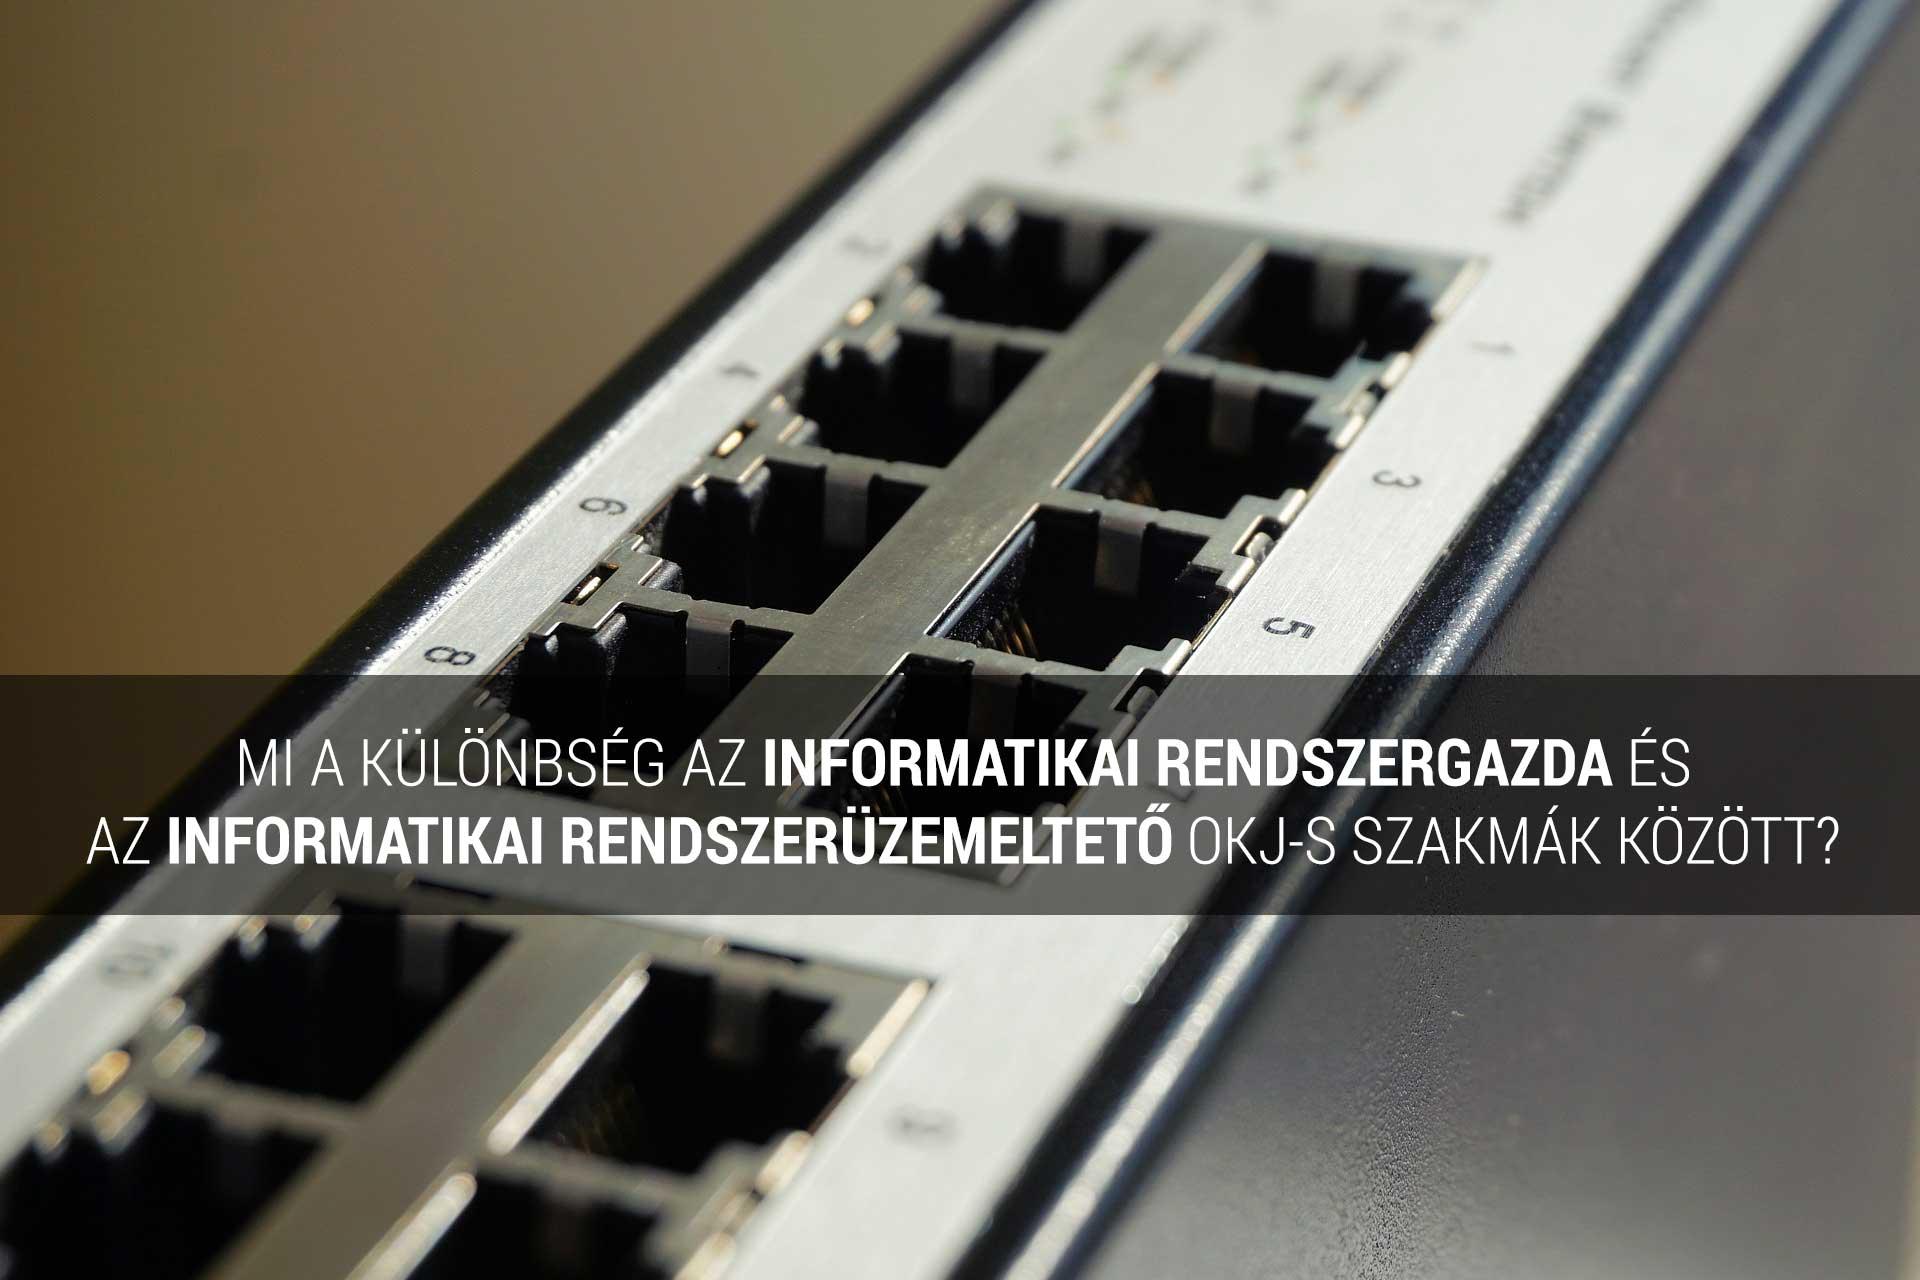 Informatikai rendszerüzemeltető OKJ